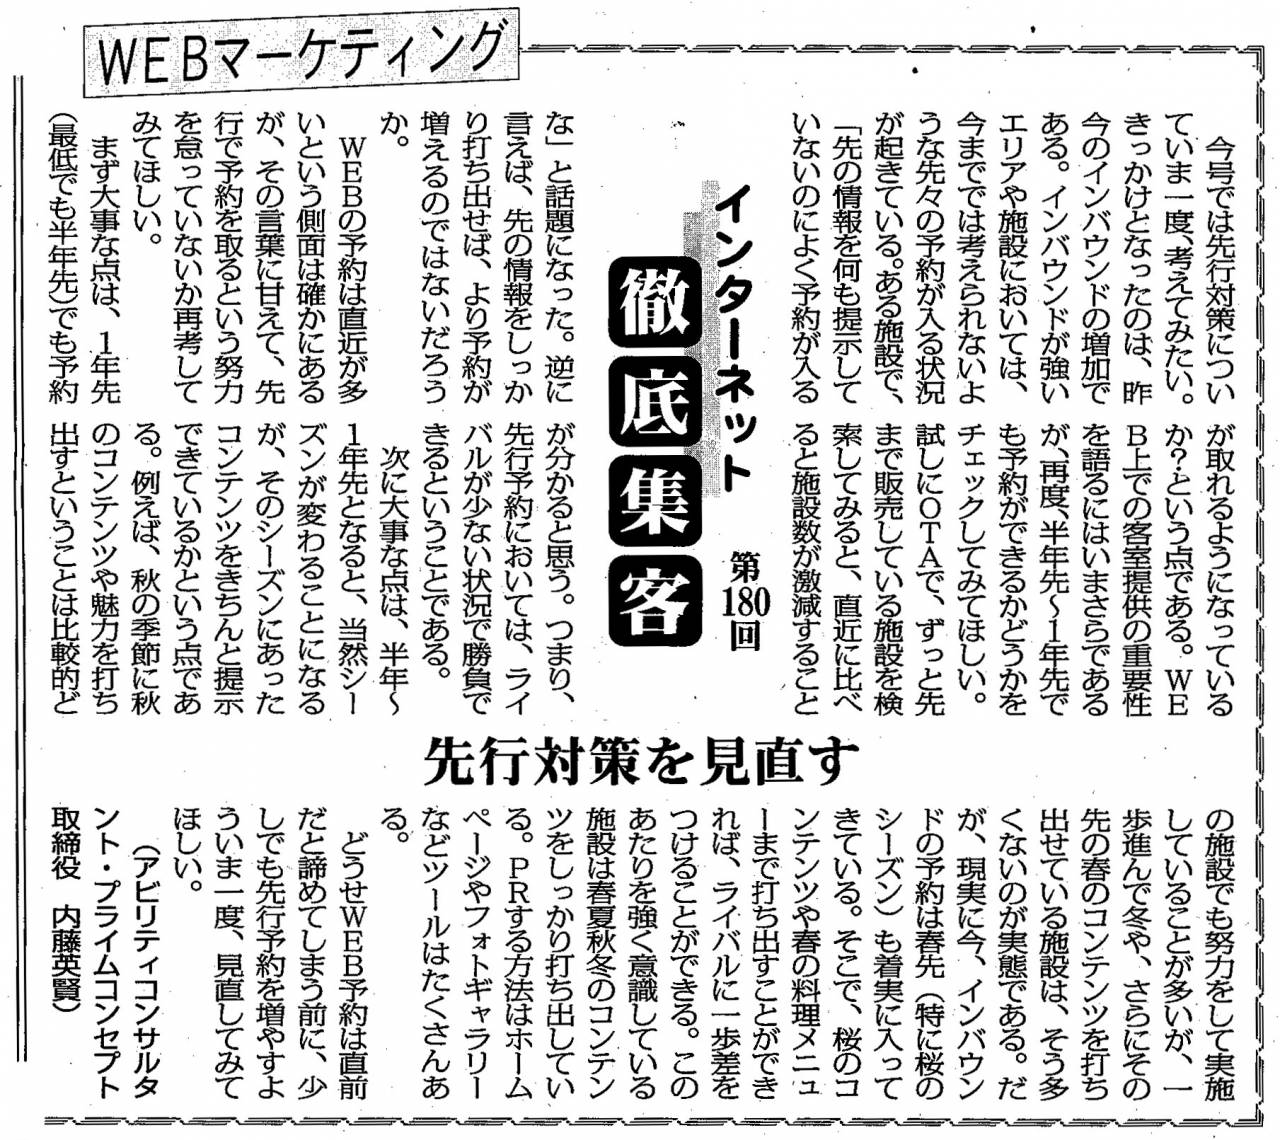 【第180回】WEBマーケティング インターネット徹底集客 (先行対策を見直す)